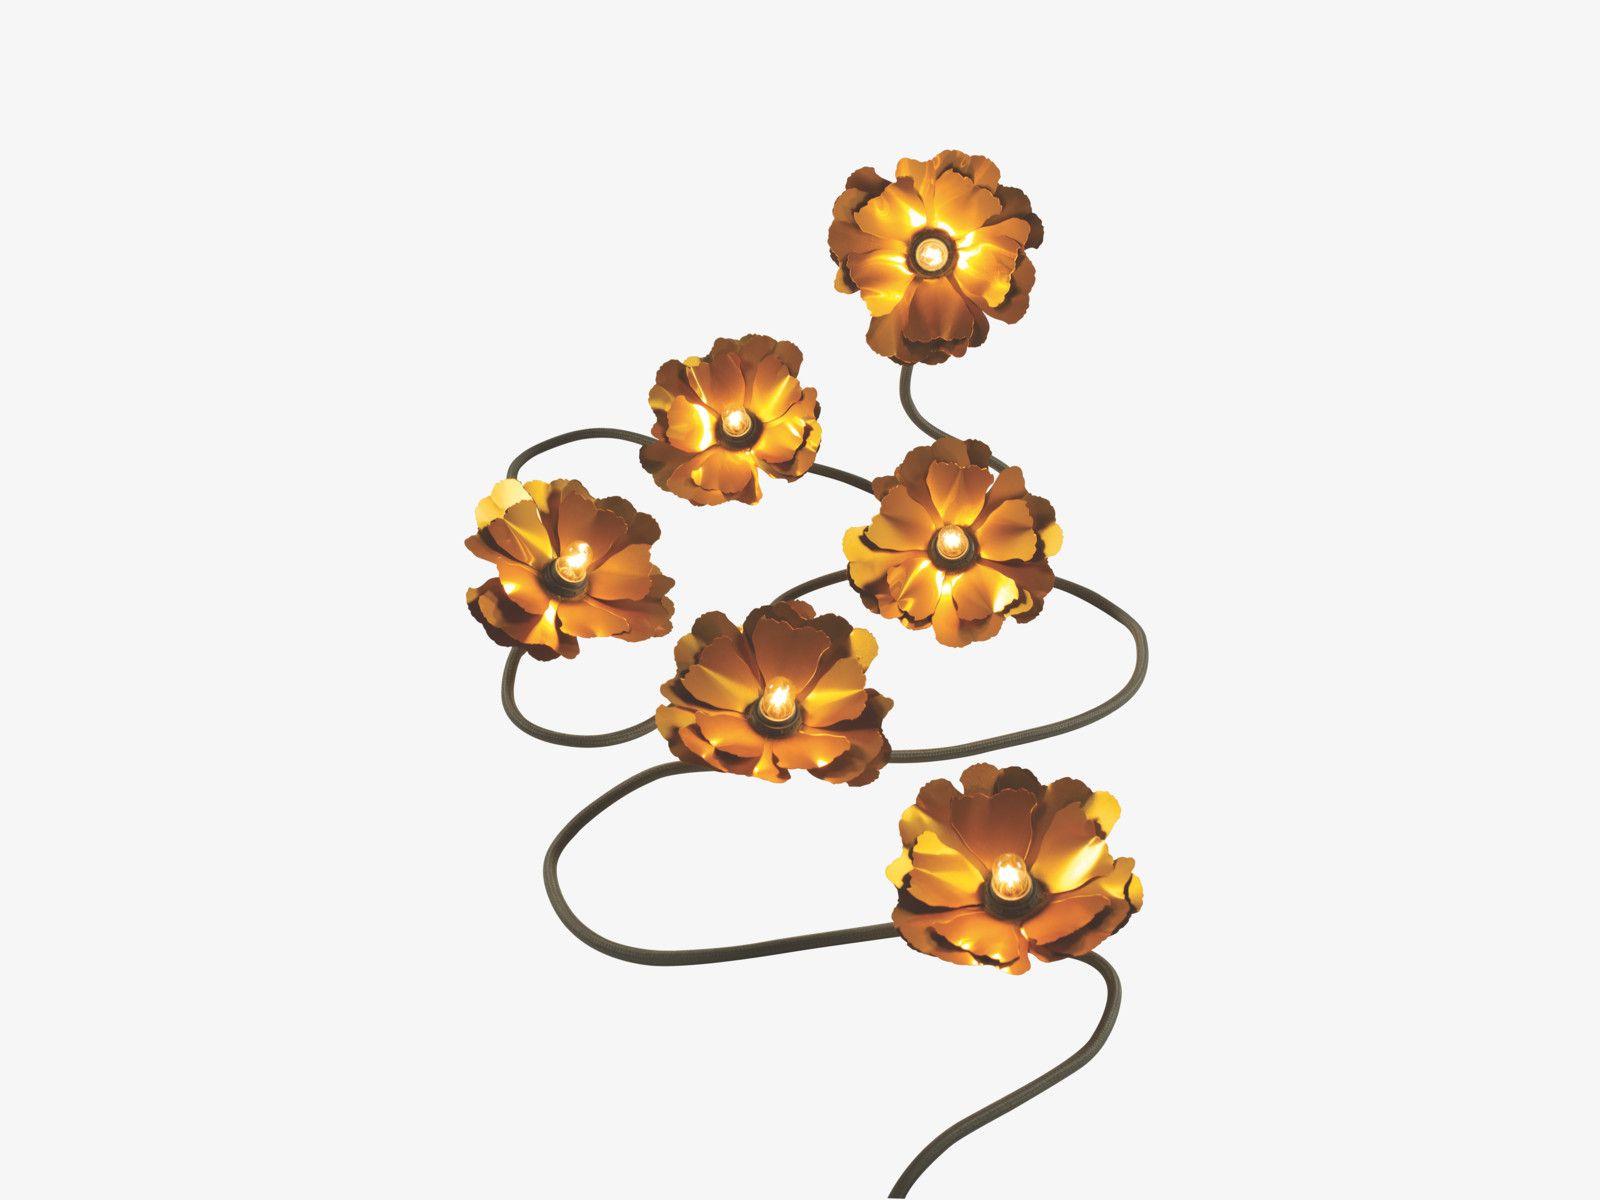 15c57dd2f884eb693c360821b588fe38 Wunderschöne Led Ersatzlampen Für Lichterkette Dekorationen